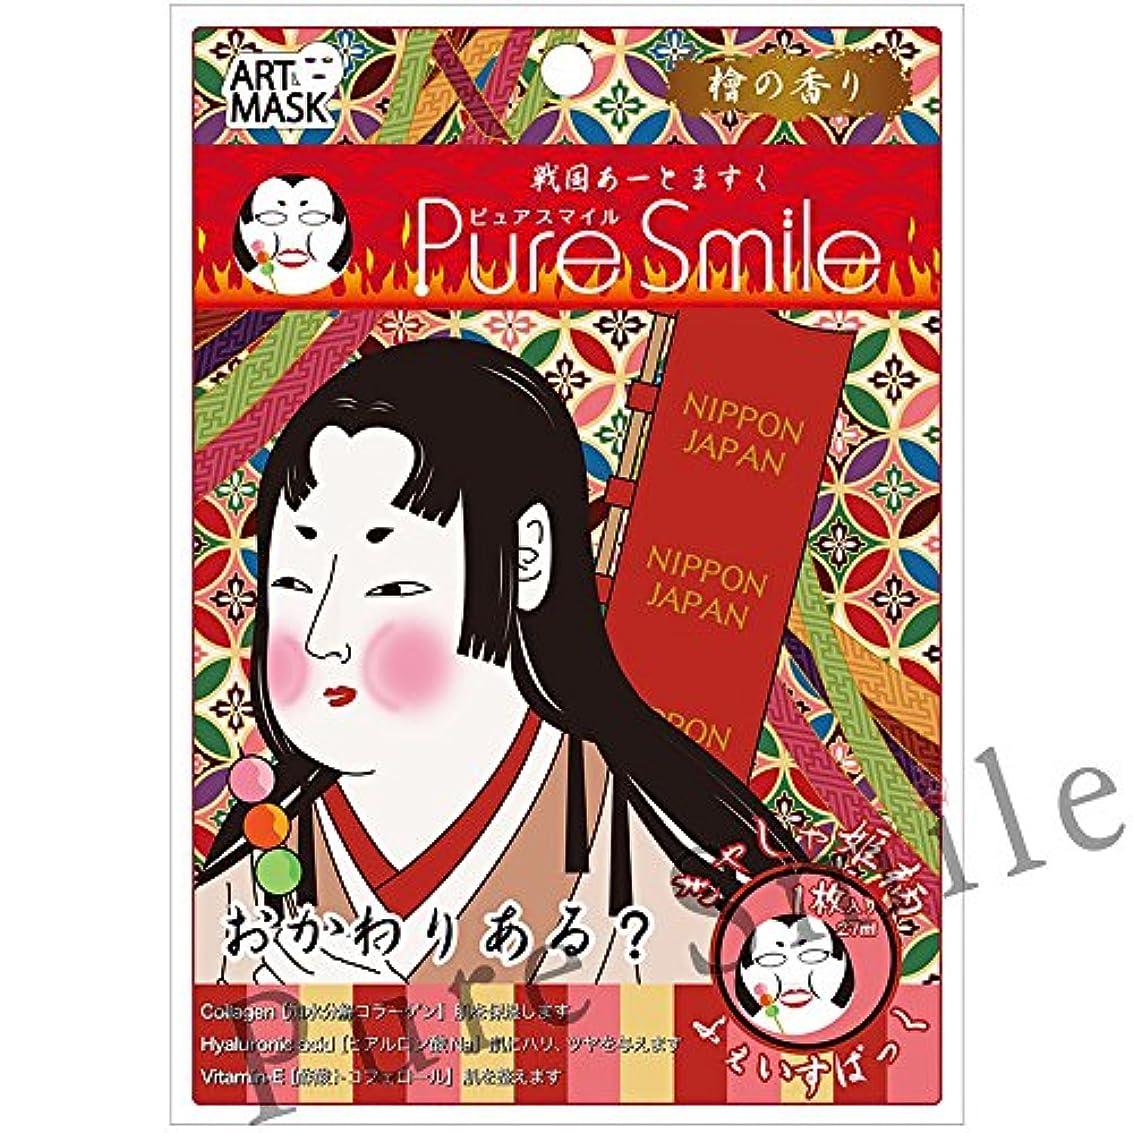 害虫発信出発するPure Smile(ピュアスマイル) フェイスマスク/アートマスク『戦国アートマスク』(きゃしゃ姫/檜の香り)